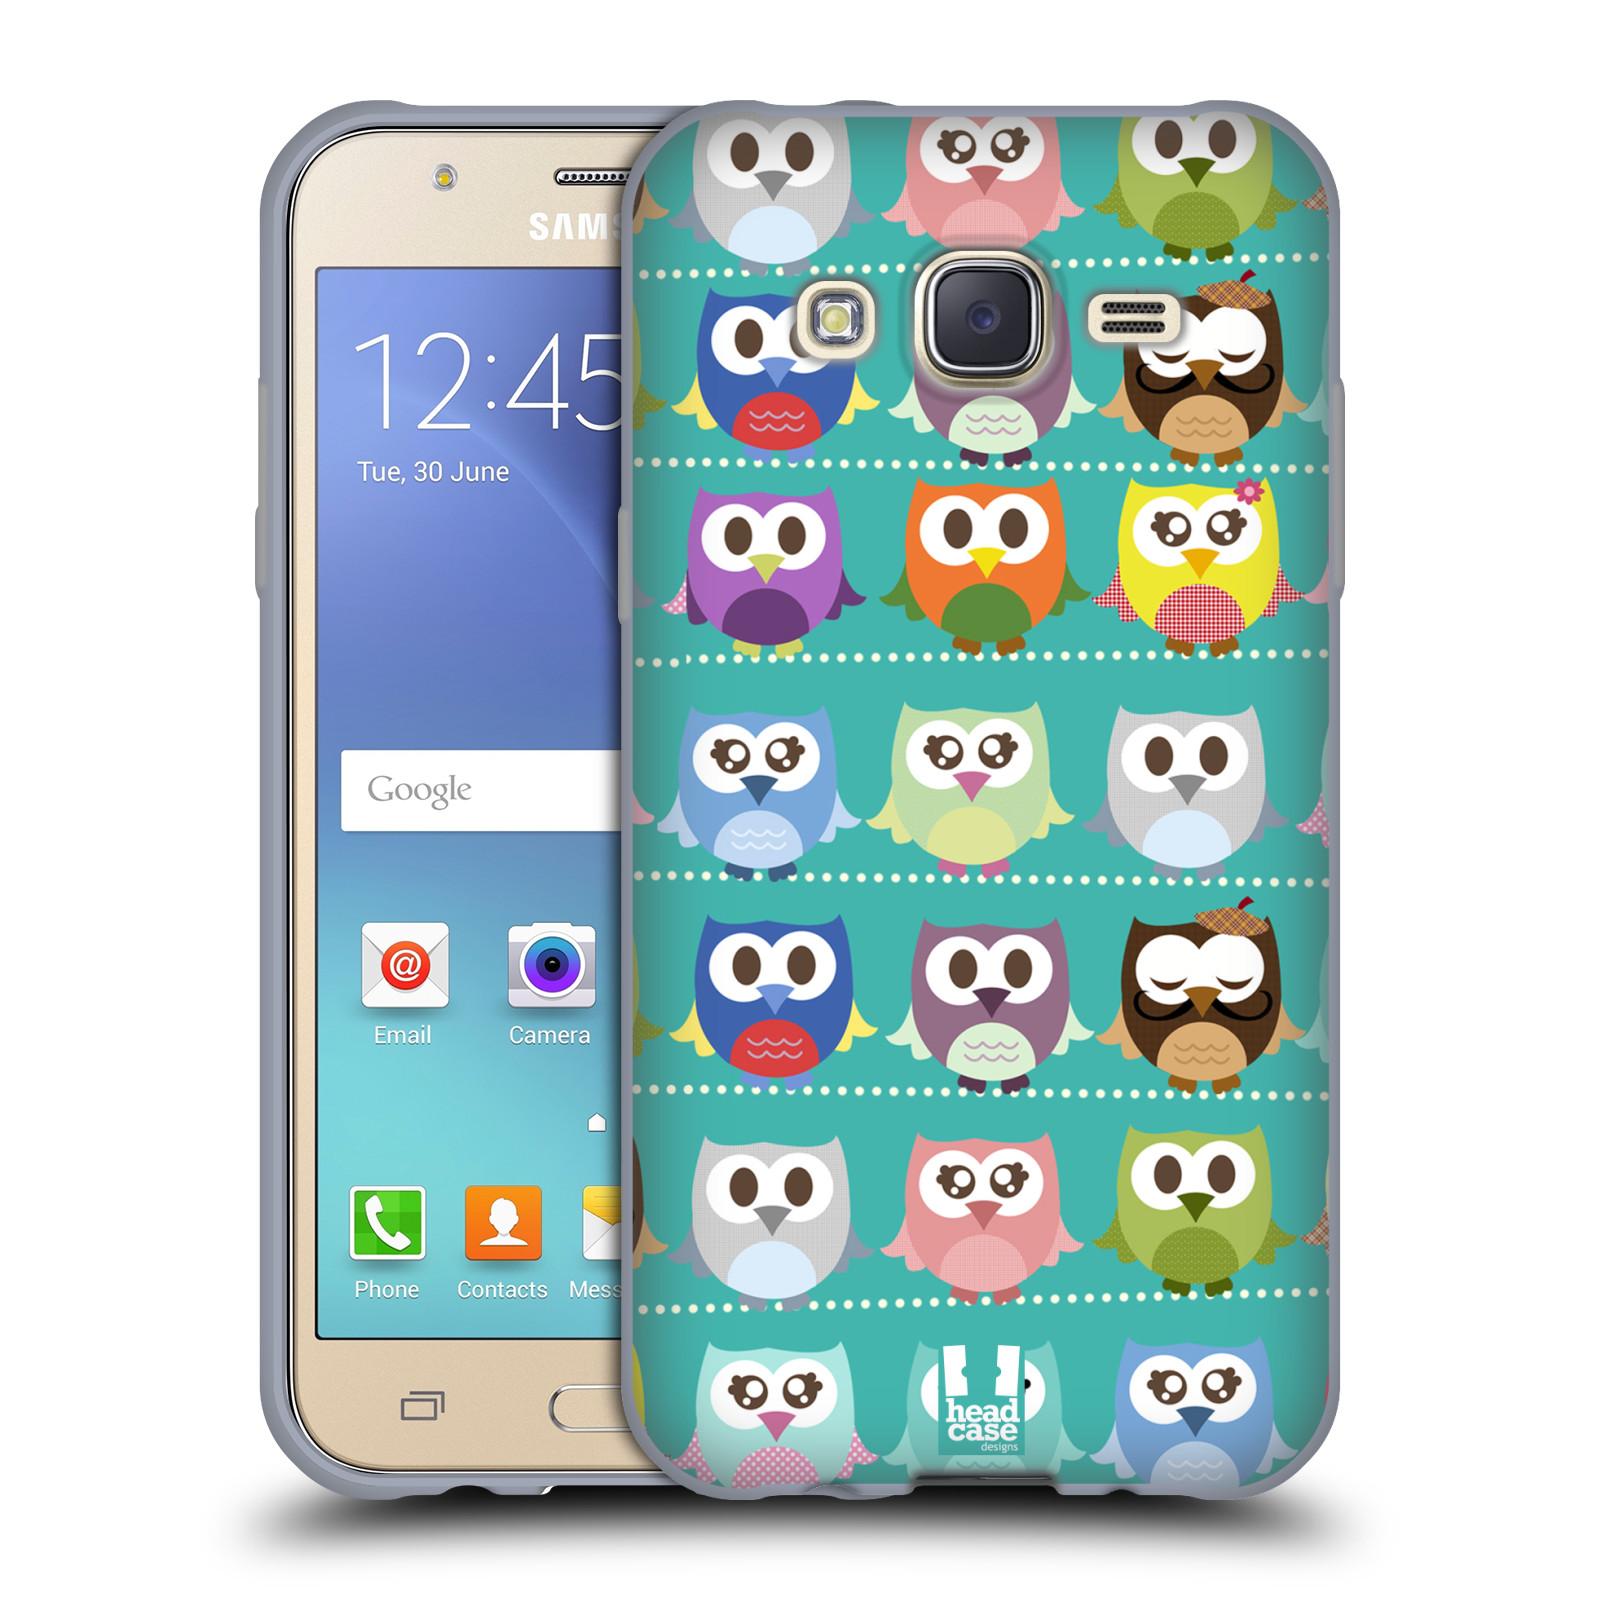 HEAD CASE silikonový obal na mobil Samsung Galaxy J5, J500, (J5 DUOS) vzor Roztomilá sovička zelené sovičky